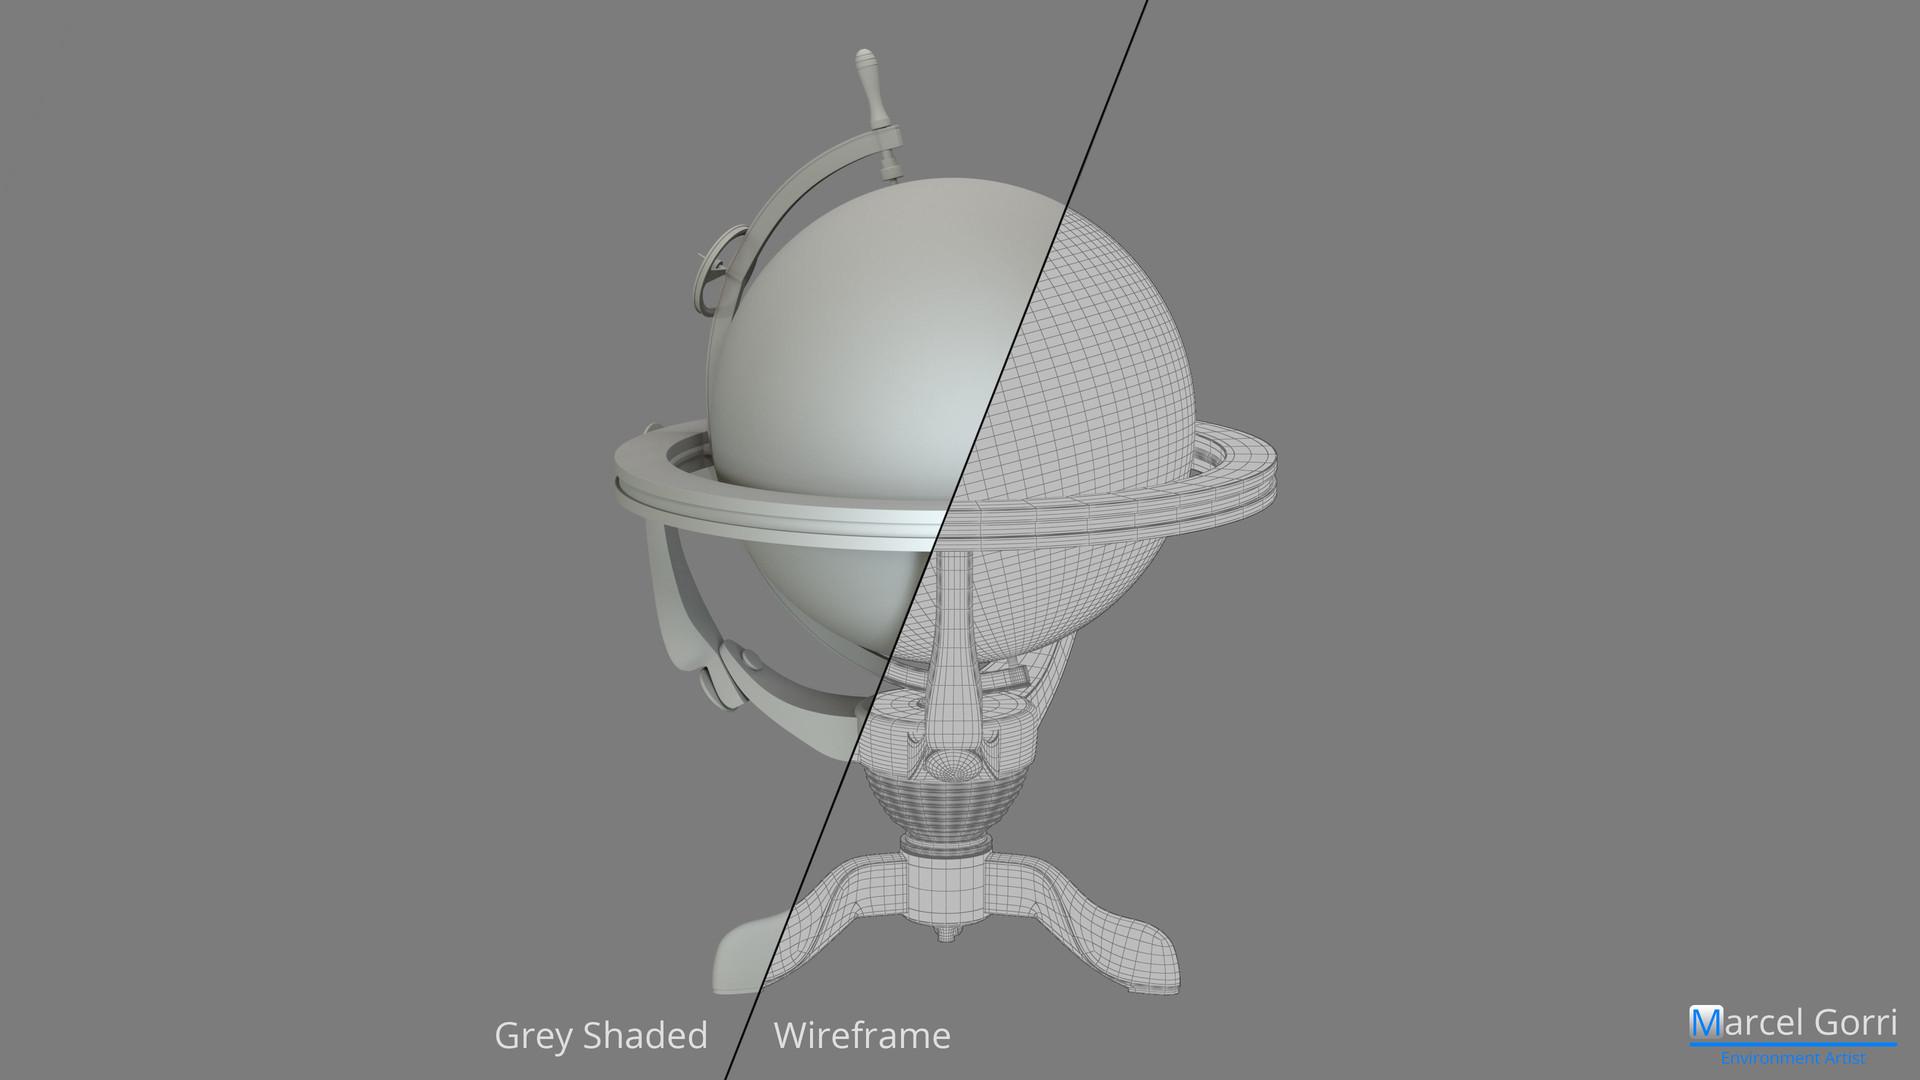 World Globe - Breakdown: Grey Shaded / Wireframe